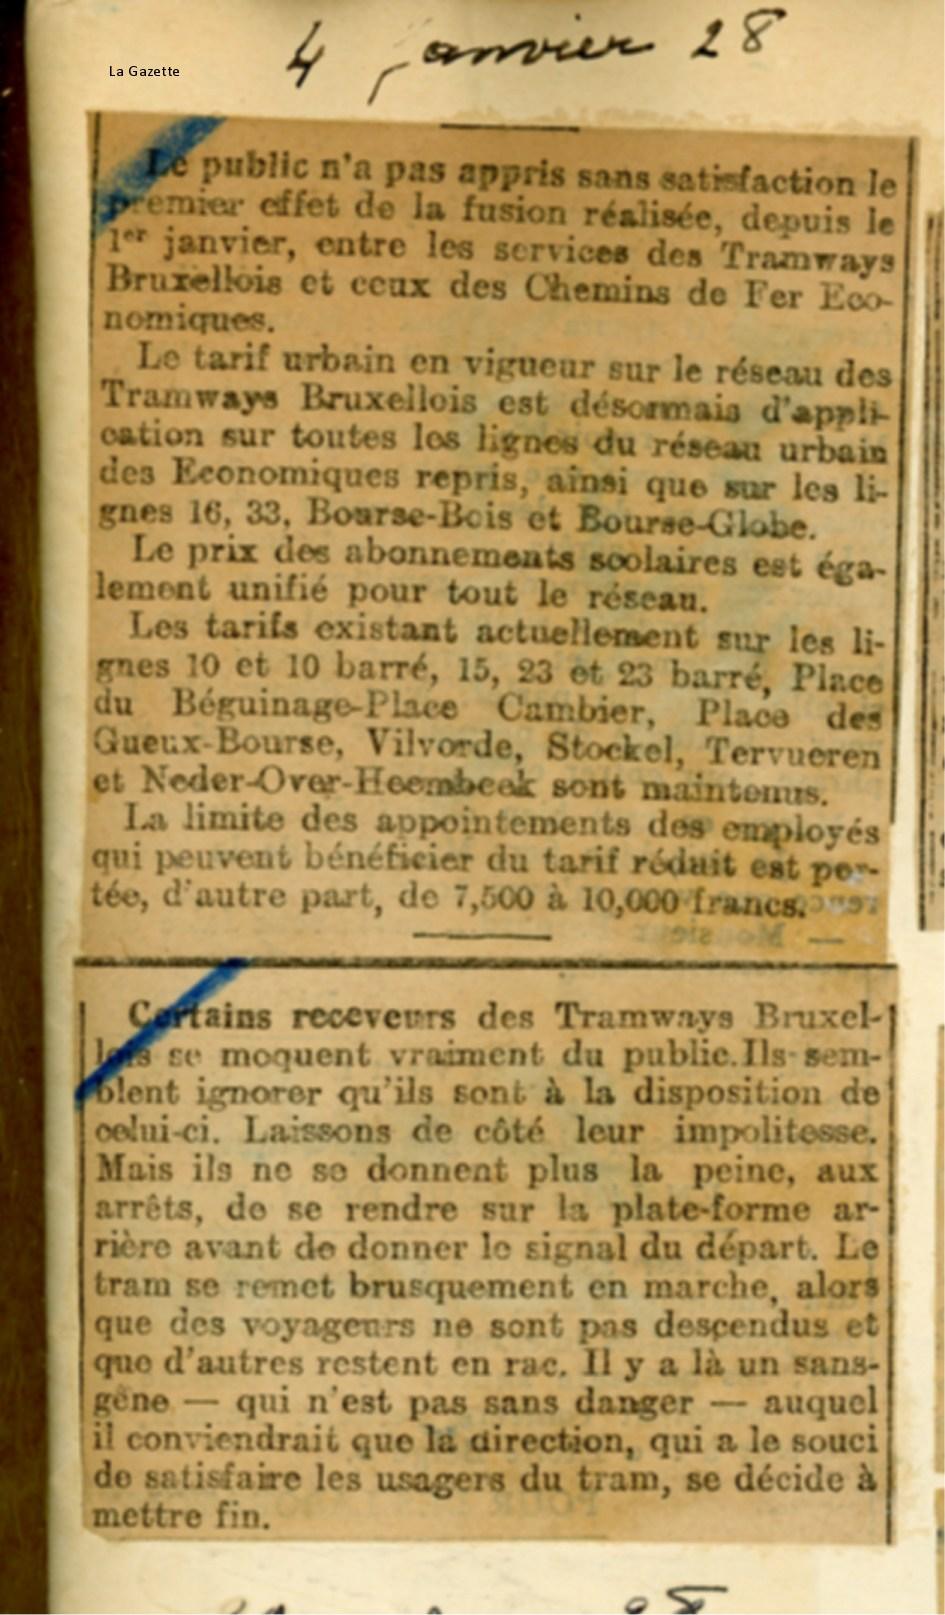 La Gazette - 04/01/1928